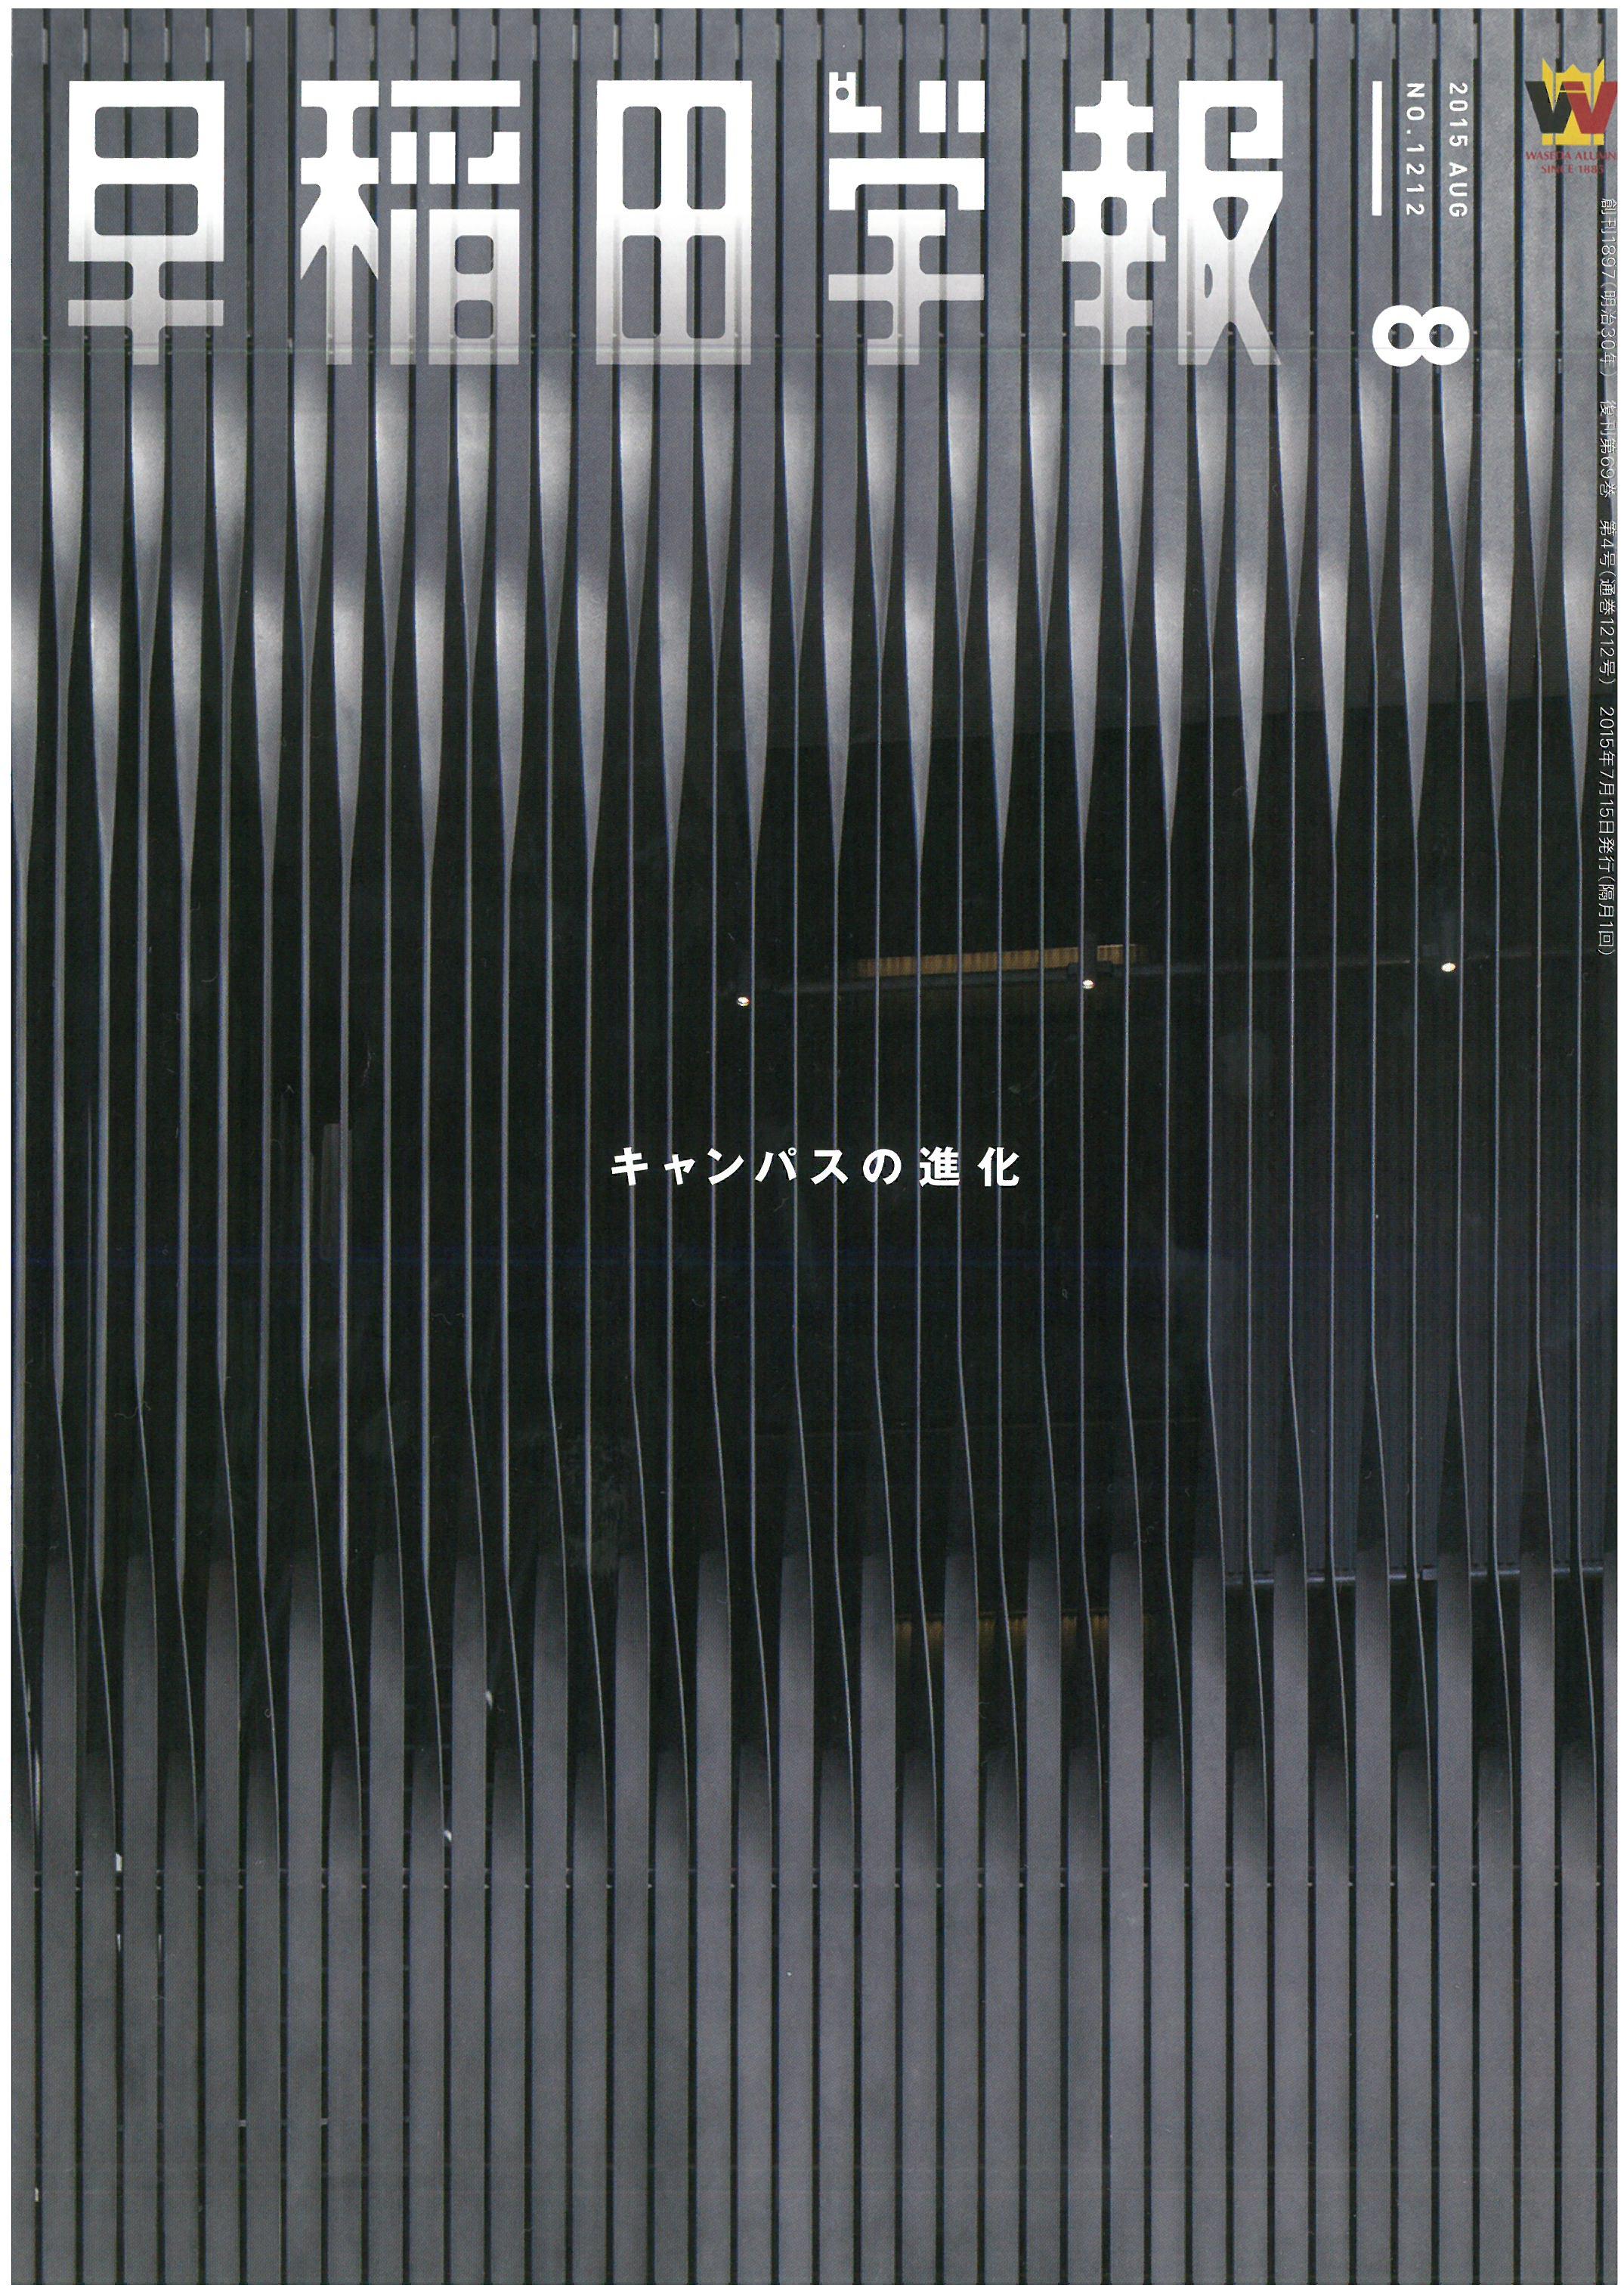 早稲田学報 2015年8月号